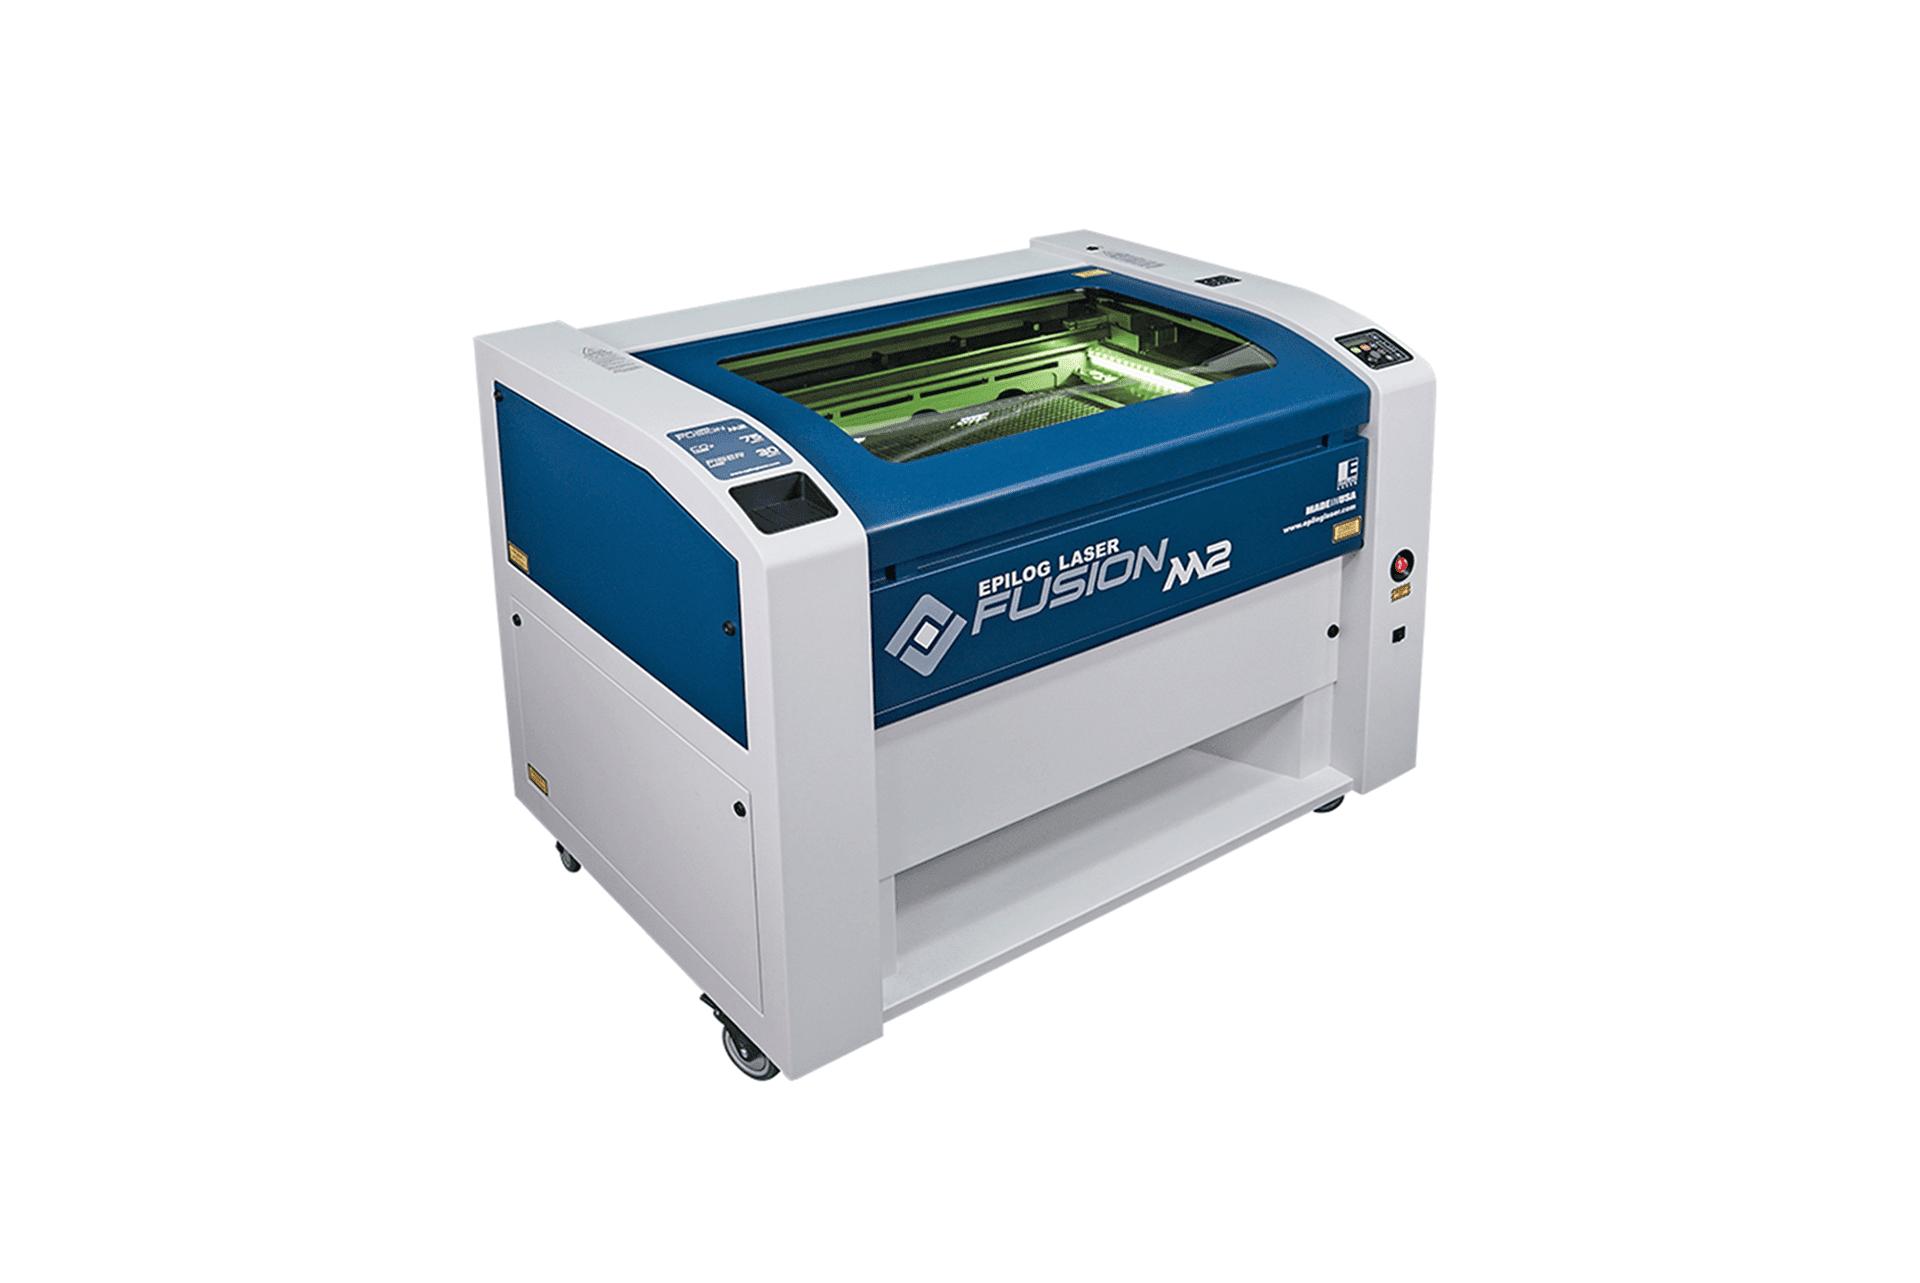 maskinene-epilog-laser-fusion